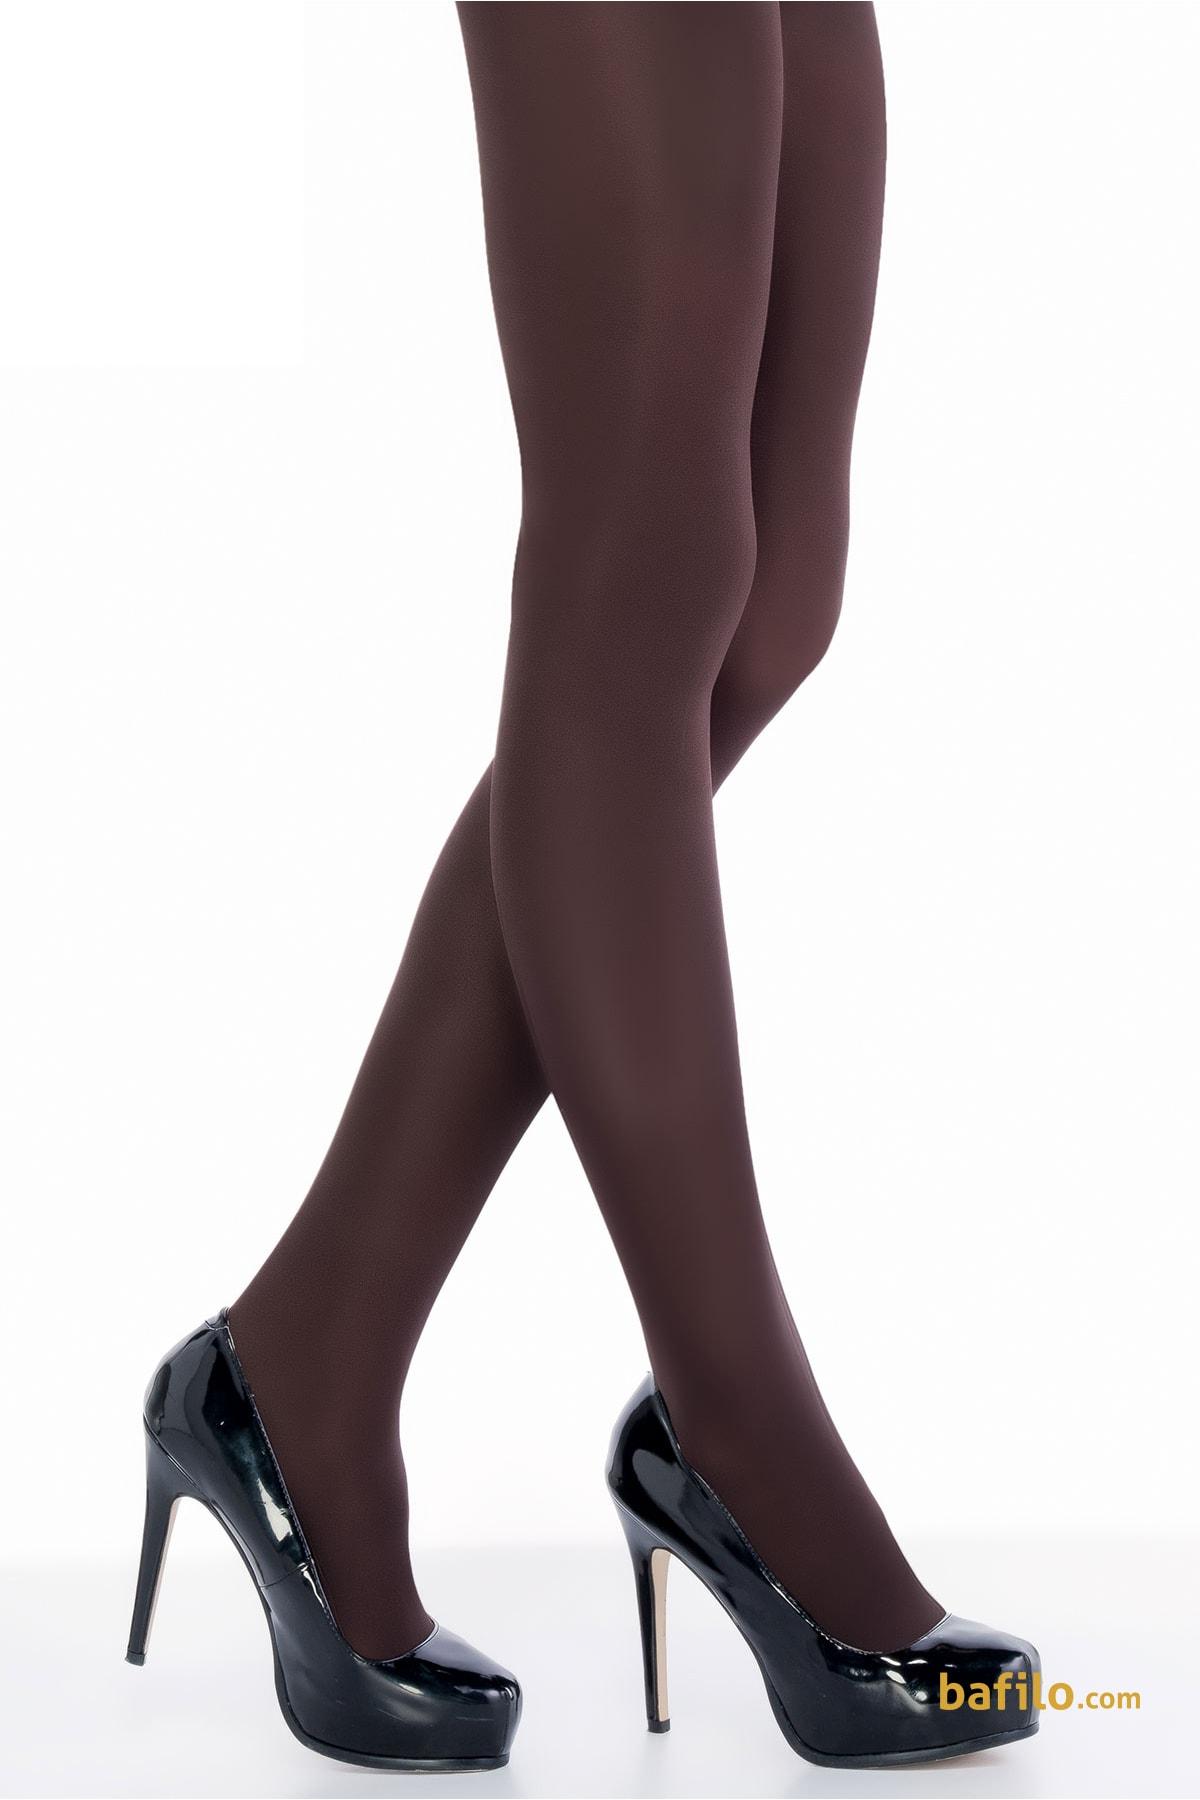 پنتی | Penti - جوراب شلواری ضخیم زنانه پنتی Mikro 100 قهوه ای سوخته